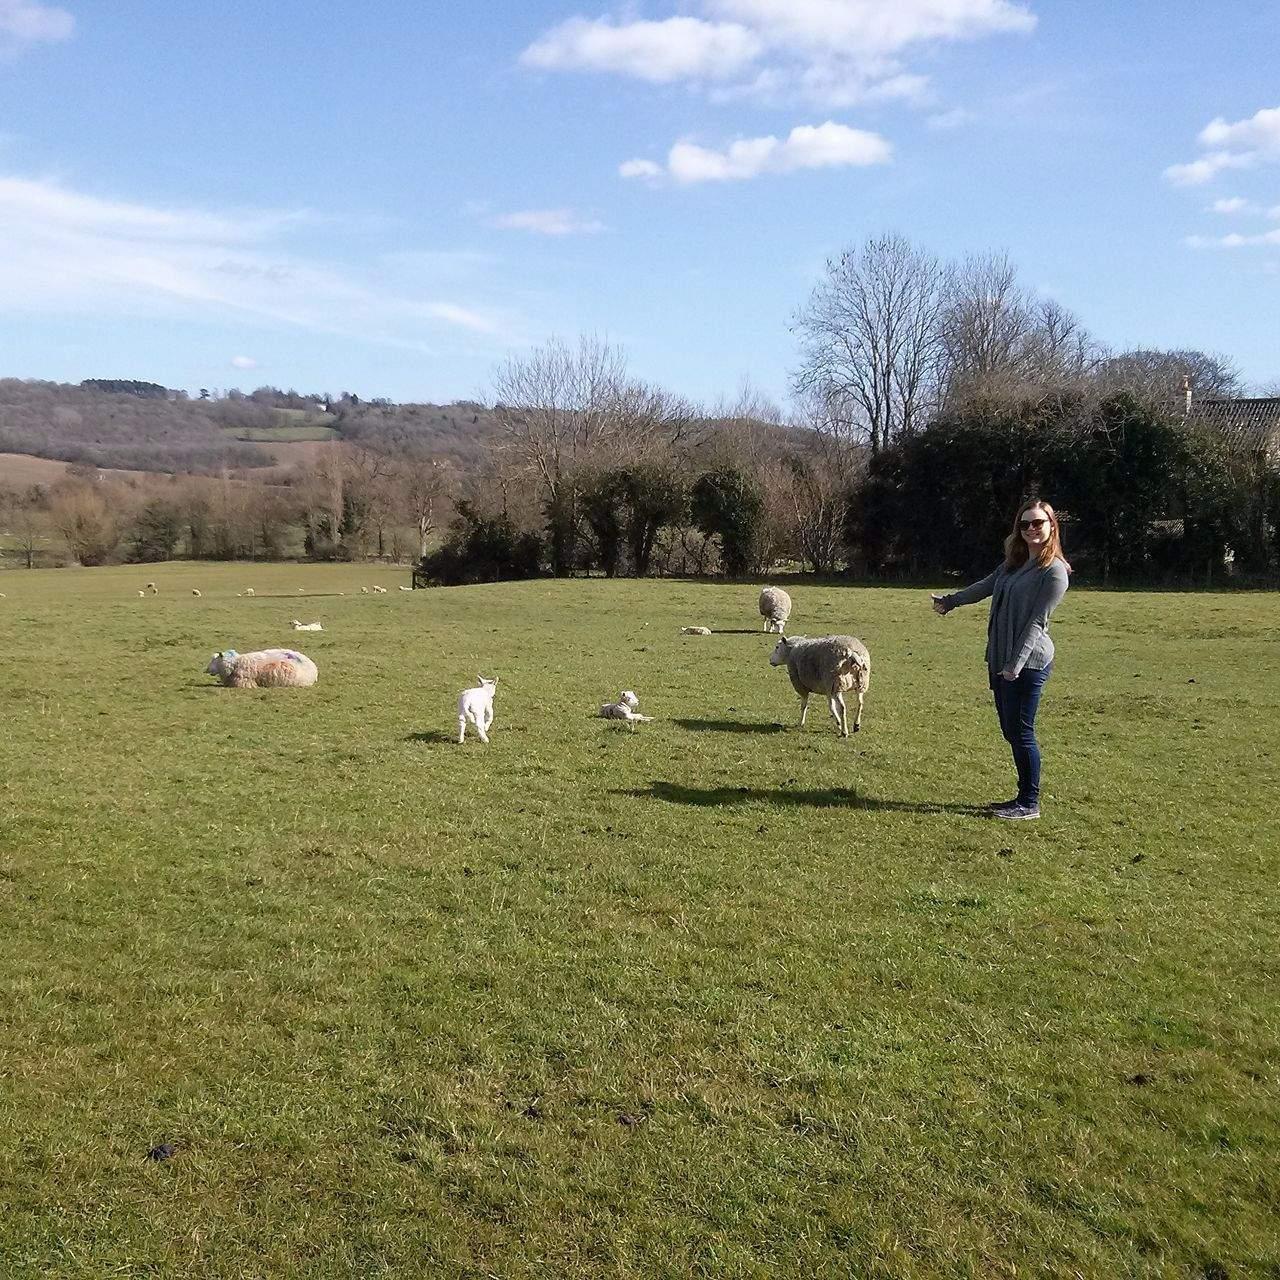 Farma ve Velké Británii. FOTO: Michaela Střížová